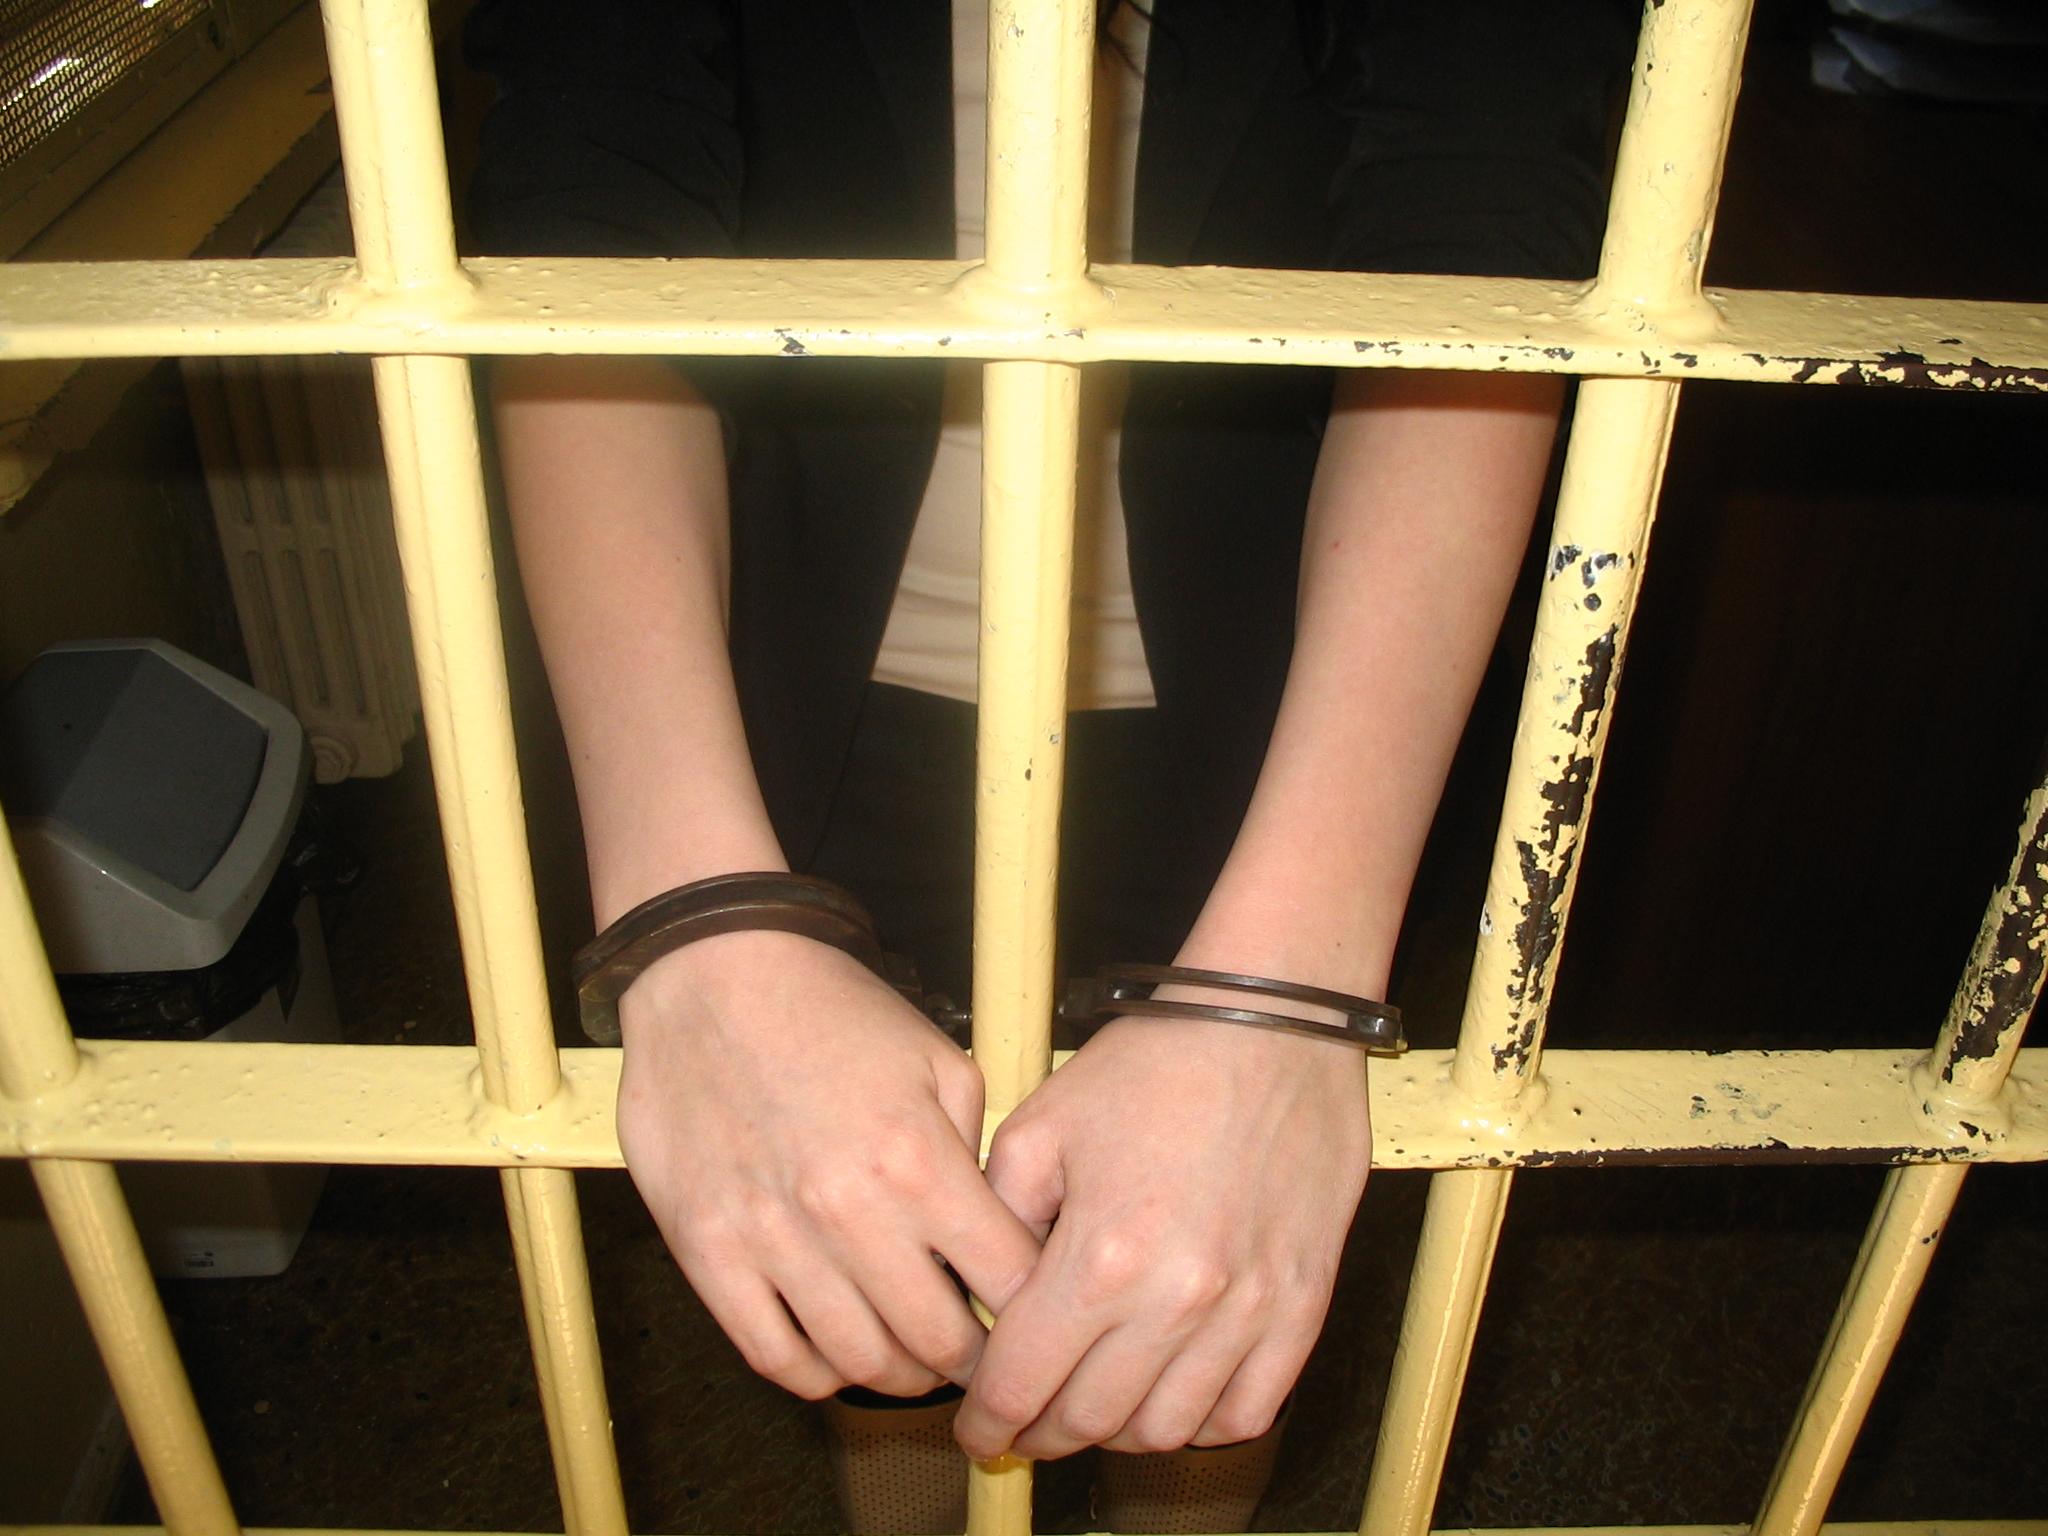 KPP Oświęcim kobieta zatrzymana w kajdankach za kratami